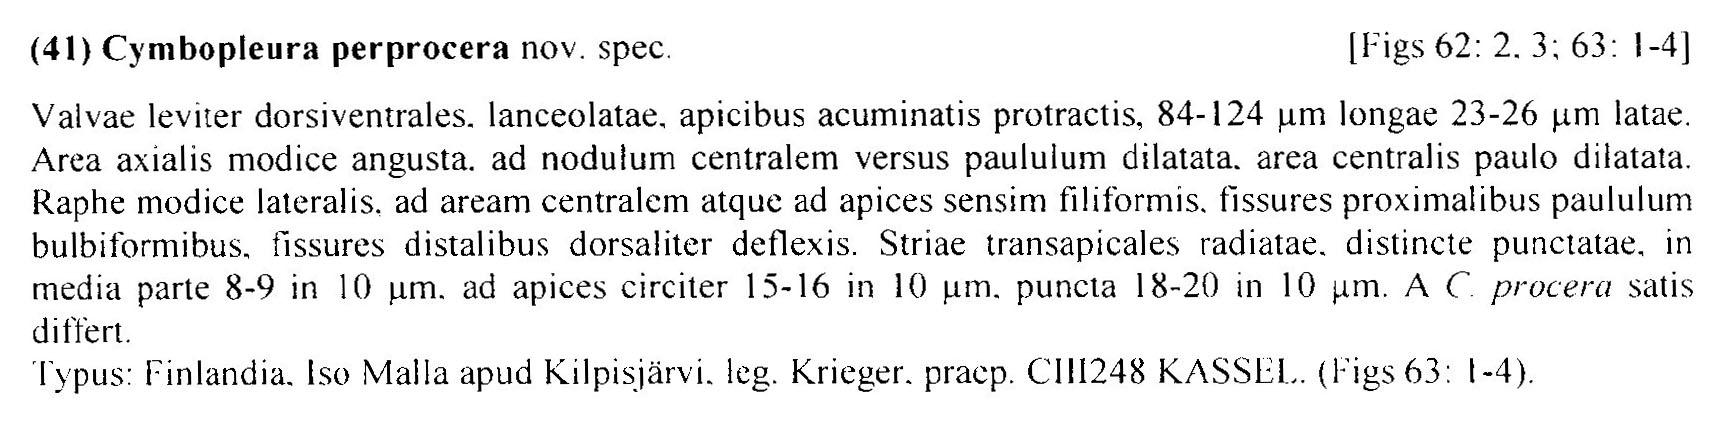 Cymbopleura perprocera orig desc